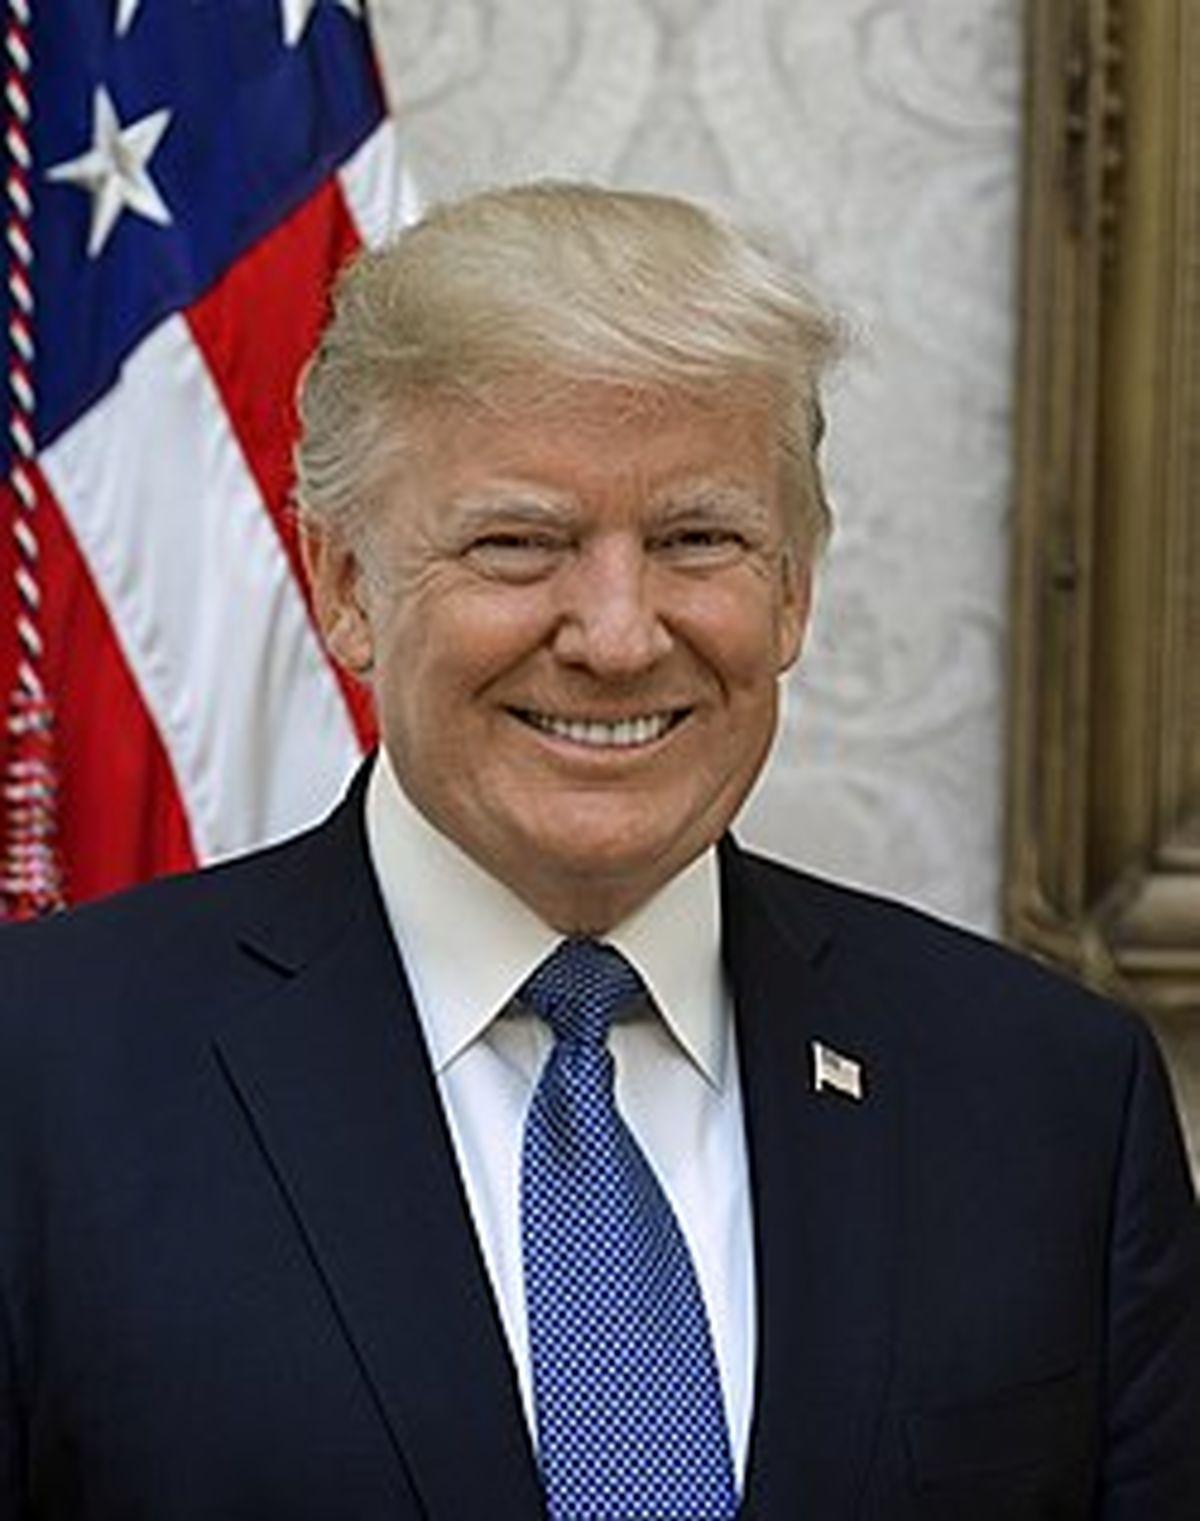 واریزی کروناییِ ترامپ برای یک ایرانی ساکن آمریکا